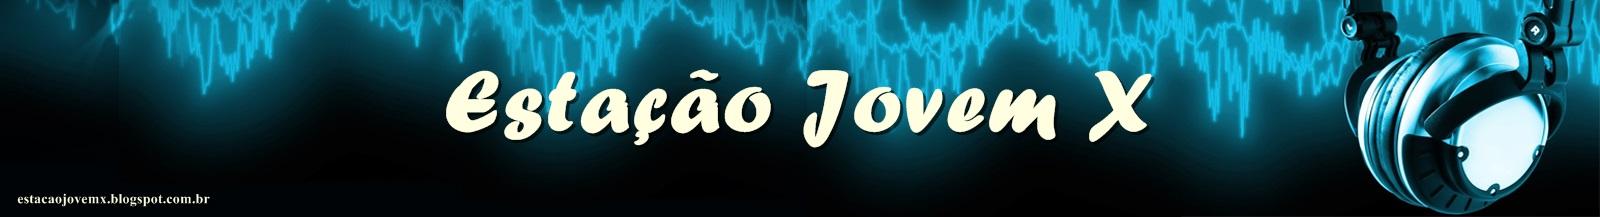 Web Rádio Estação Jovem X